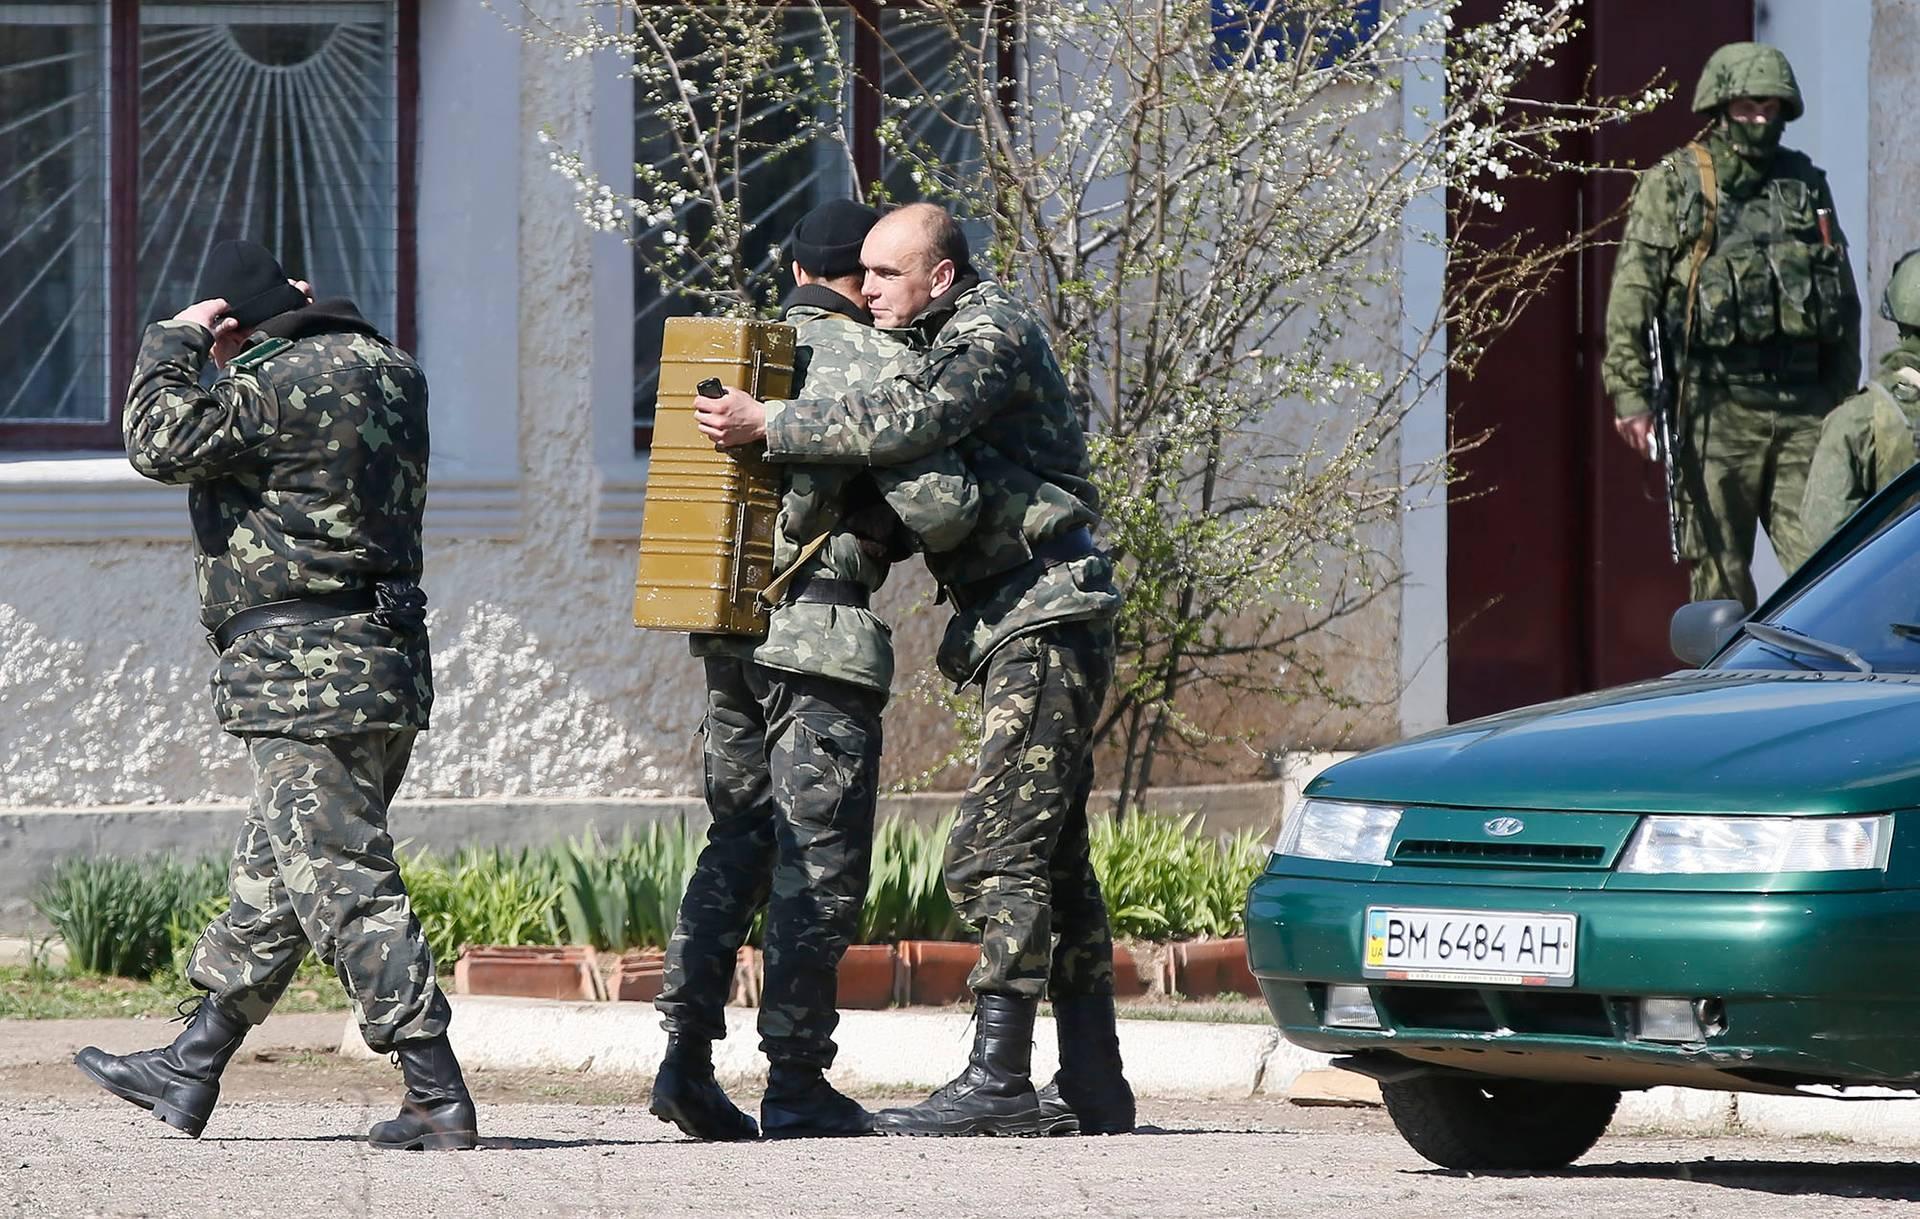 Українські військовослужбовці покидають територію військової частини в селищі Перевальне біля Сімферополя та передислоковуються на материкову частину України, Крим, 21 березня 2014 року